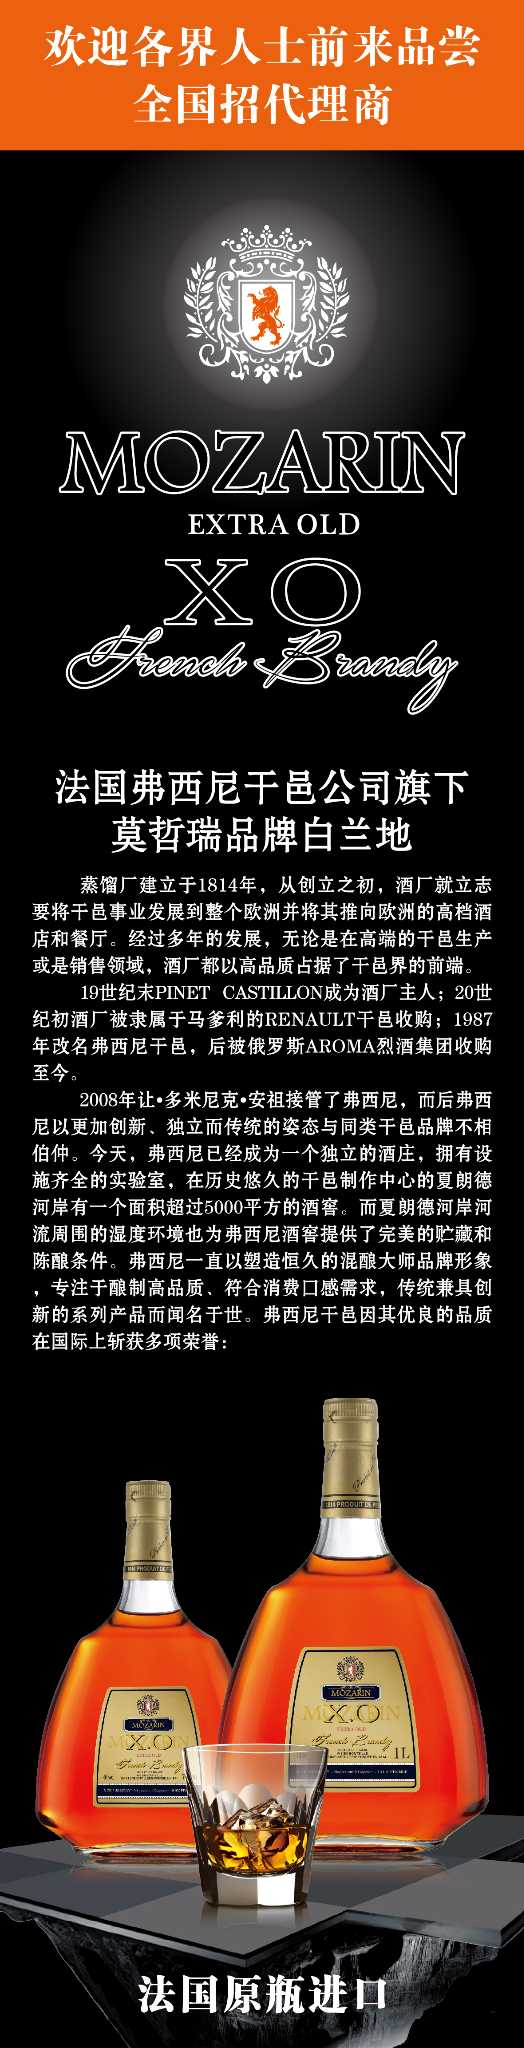 来自袁煌熙发布的供应信息:... - 惠州市法拉宾贸易公司